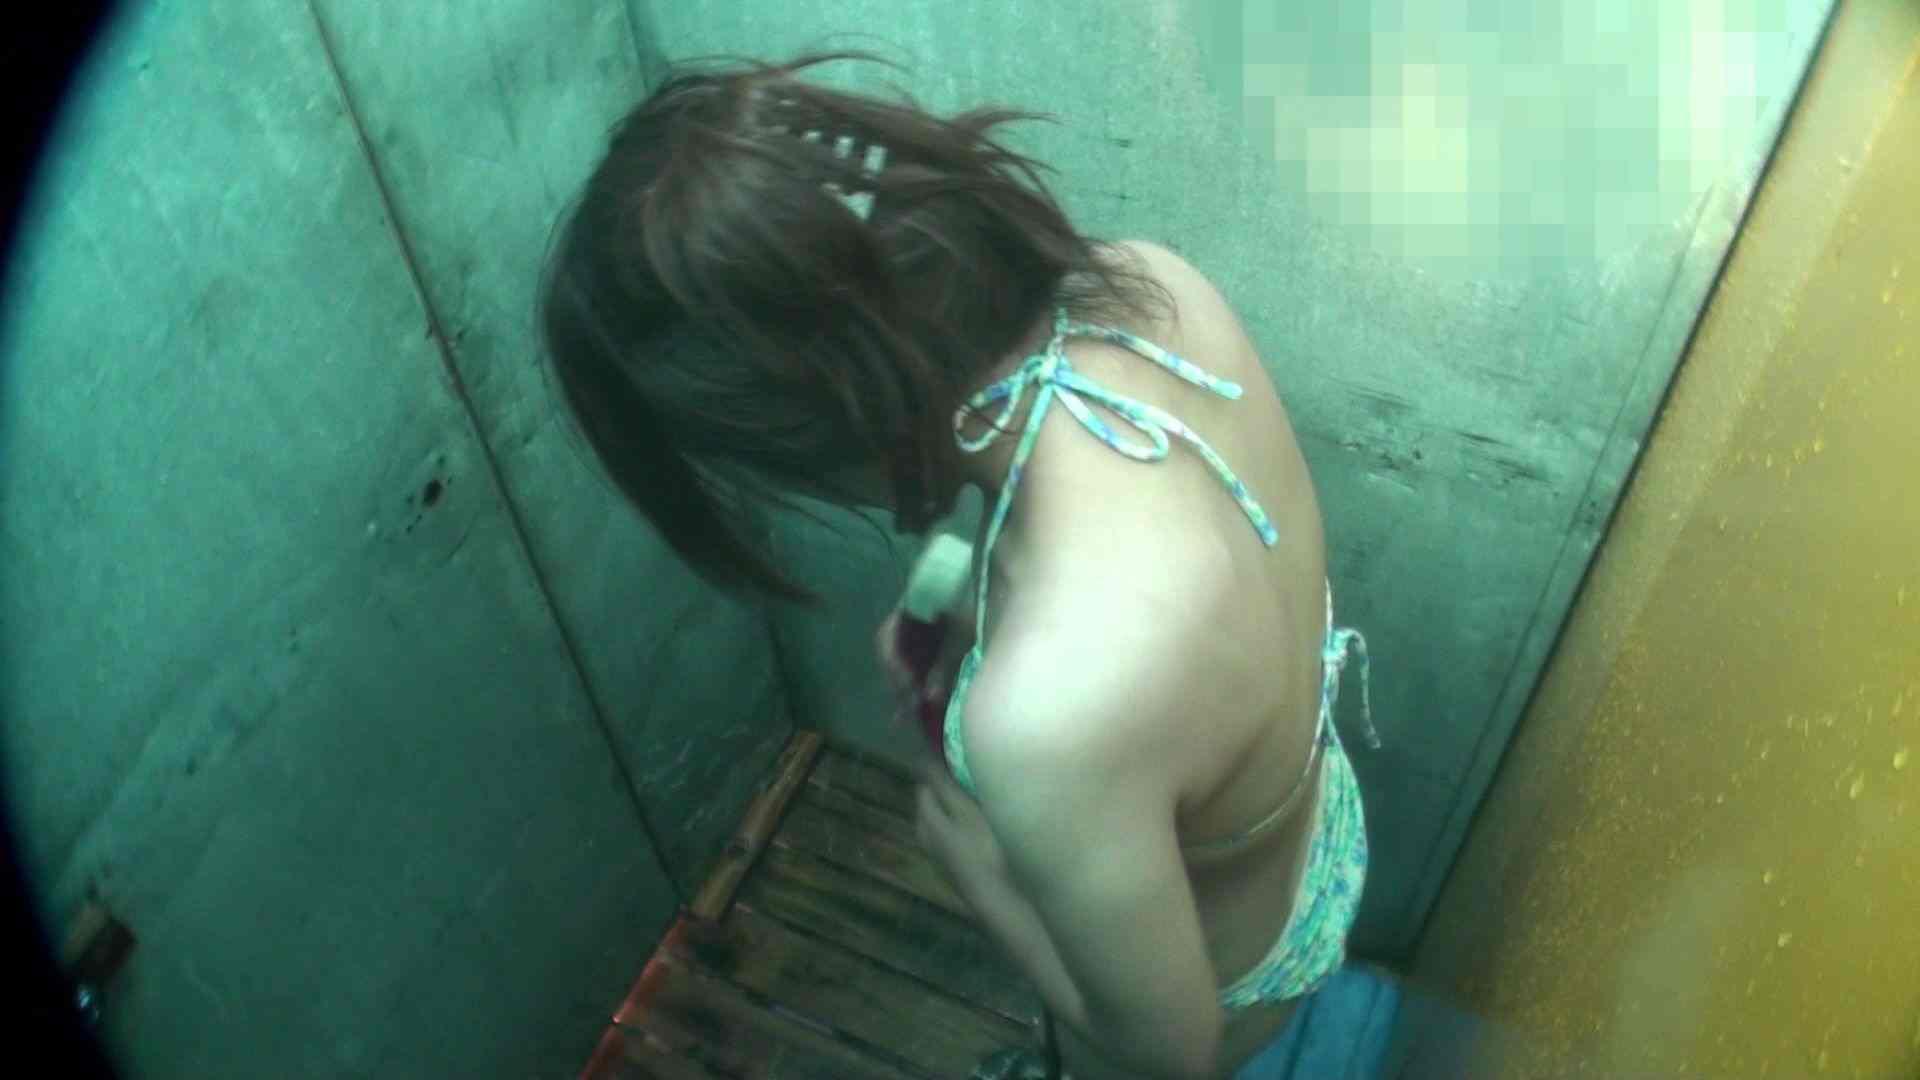 シャワールームは超!!危険な香りVol.15 残念ですが乳首未確認 マンコの砂は入念に 美しいOLの裸体 性交動画流出 70pic 2